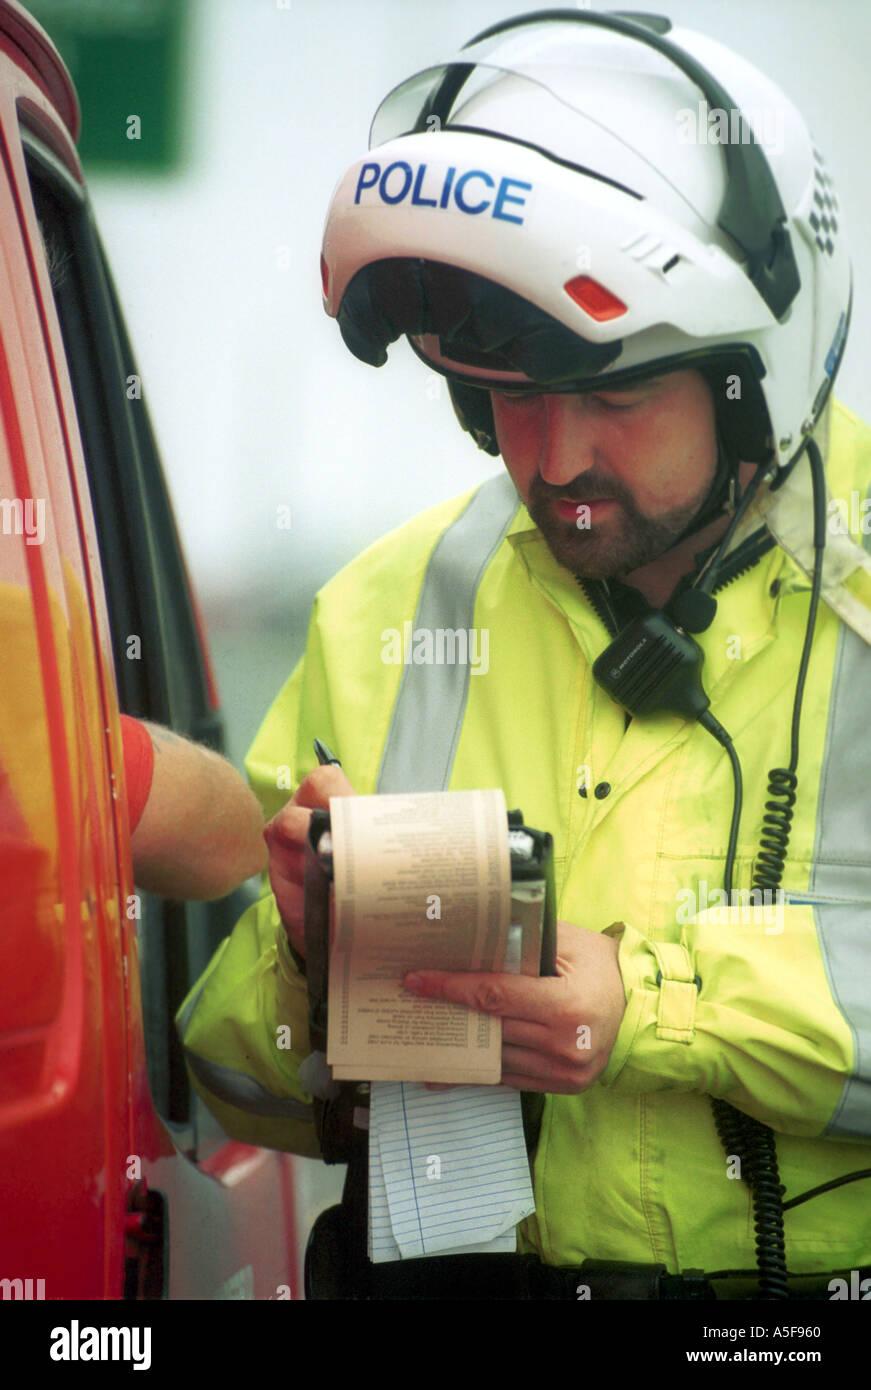 Polizia Stradale Officer emette un avviso di penalità per un automobilista Immagini Stock